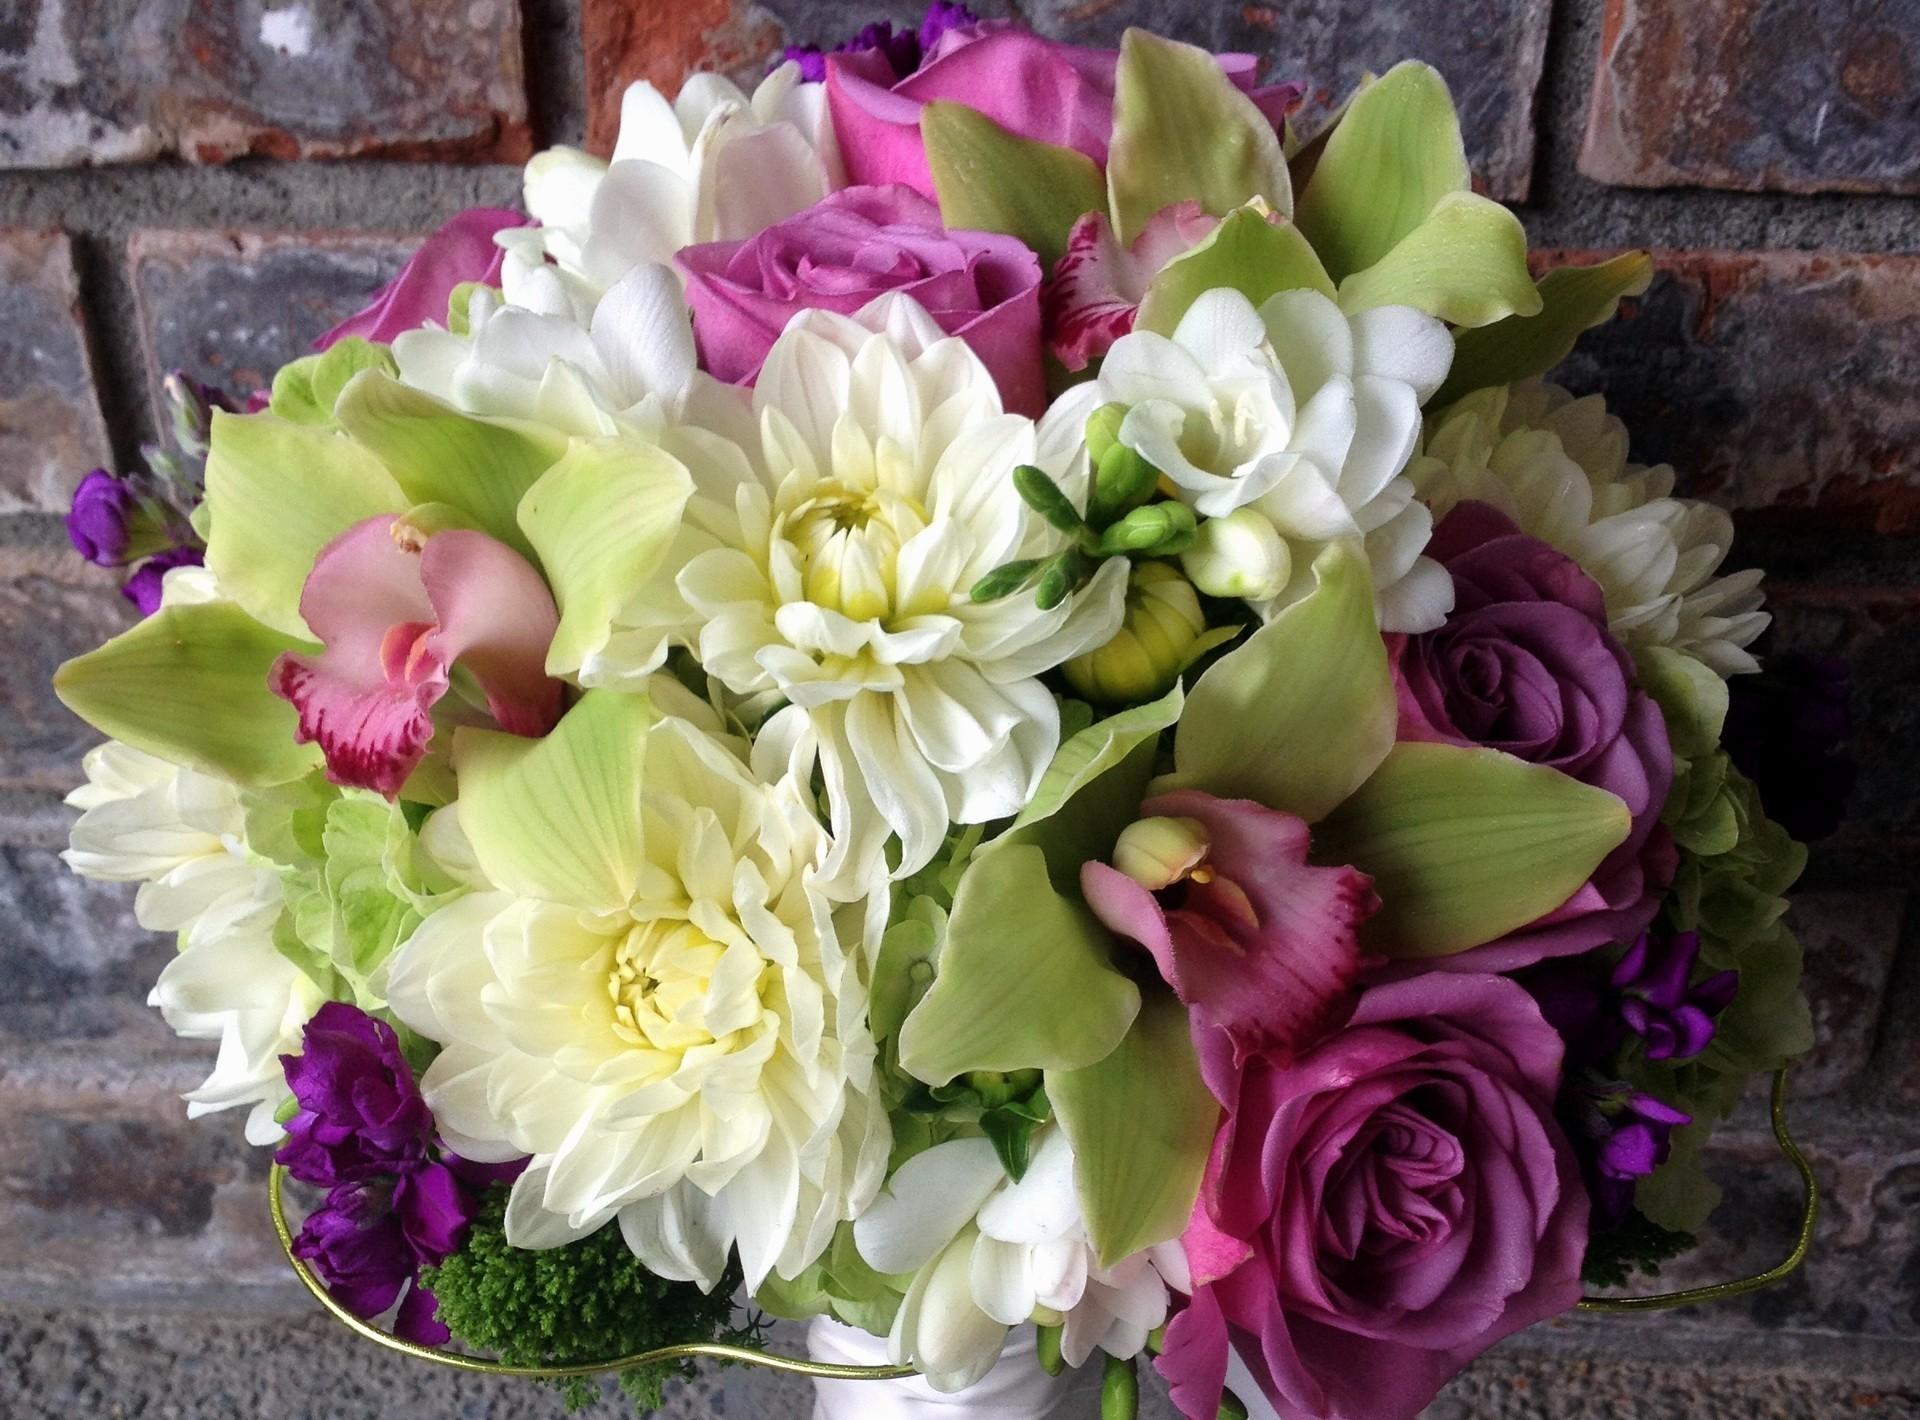 87250 скачать обои Цветы, Орхидеи, Цвет, Букет, Хризантемы, Розы - заставки и картинки бесплатно